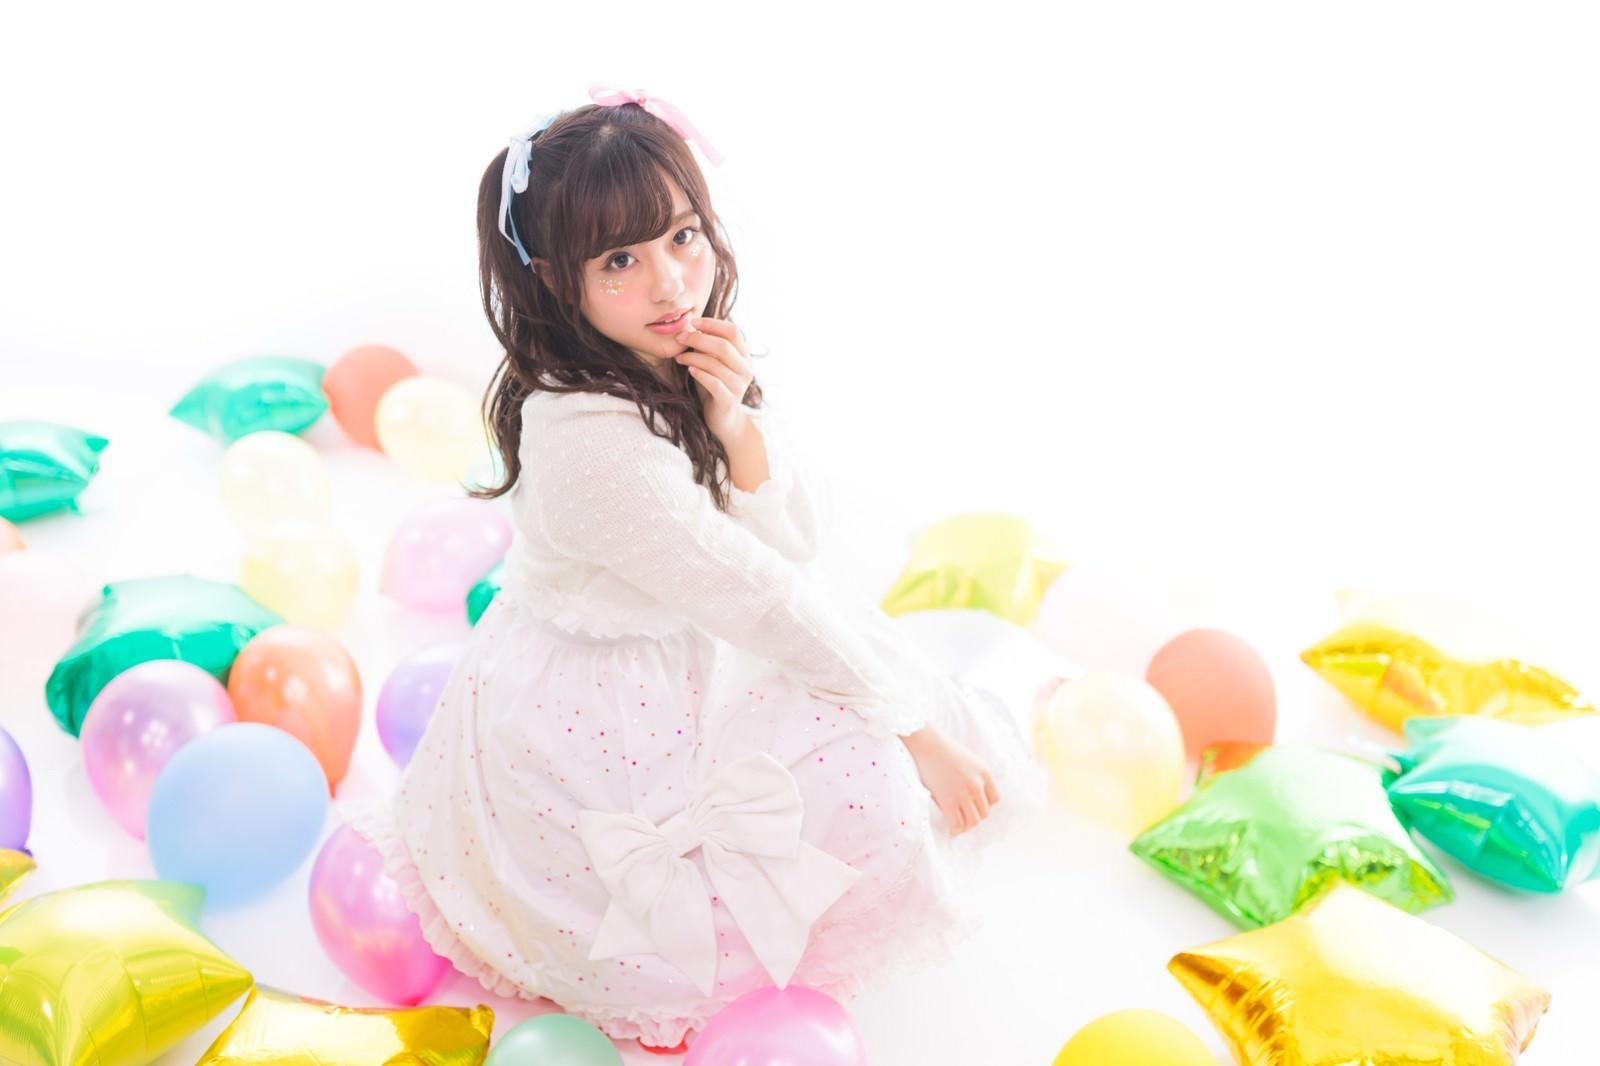 Yuka-Kawamura-Free-Stock-Photo-Idol-02.jpg